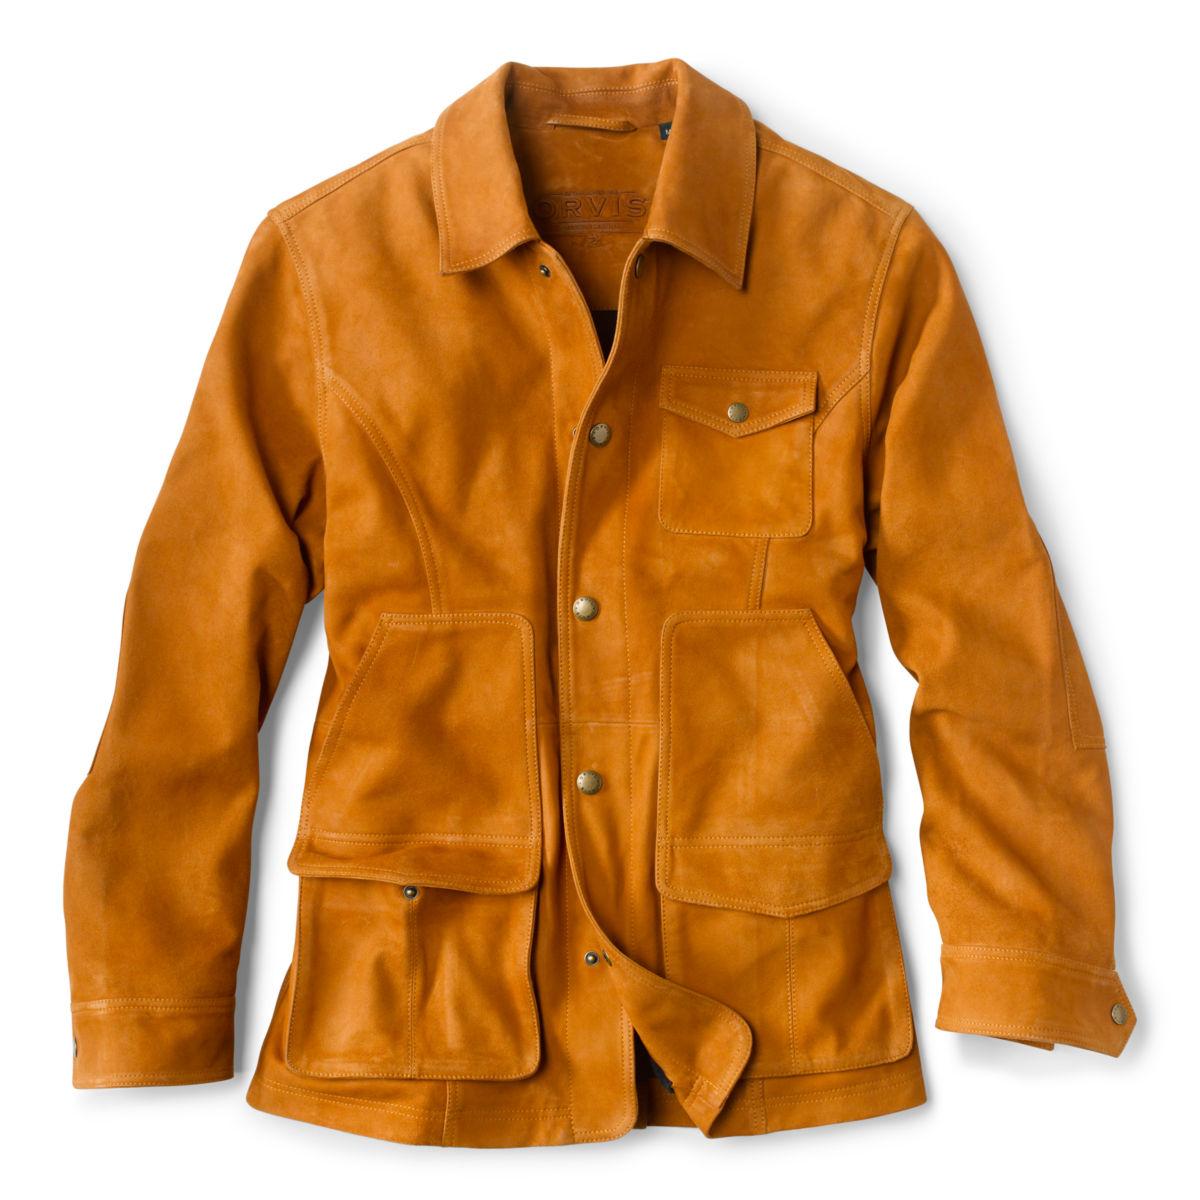 Highland Hills Men's Ranch Jacket - HONEYimage number 0